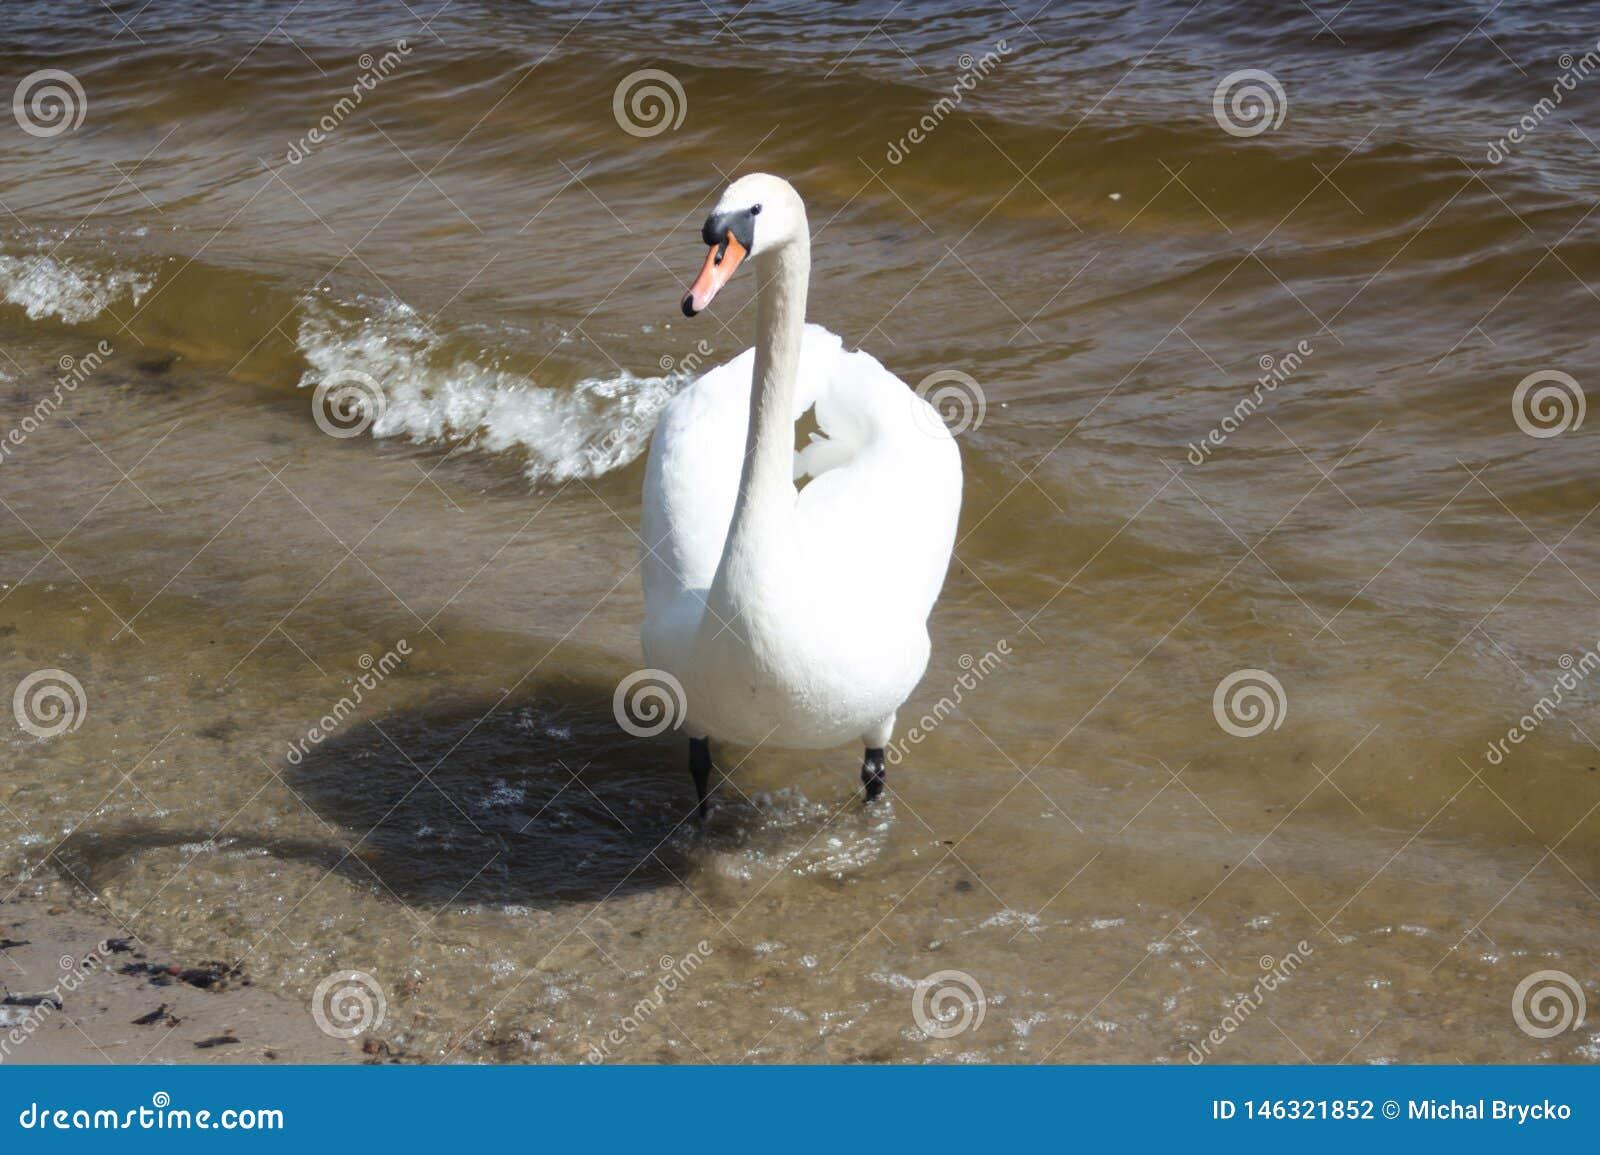 Beauty white swan walking in the blue lake